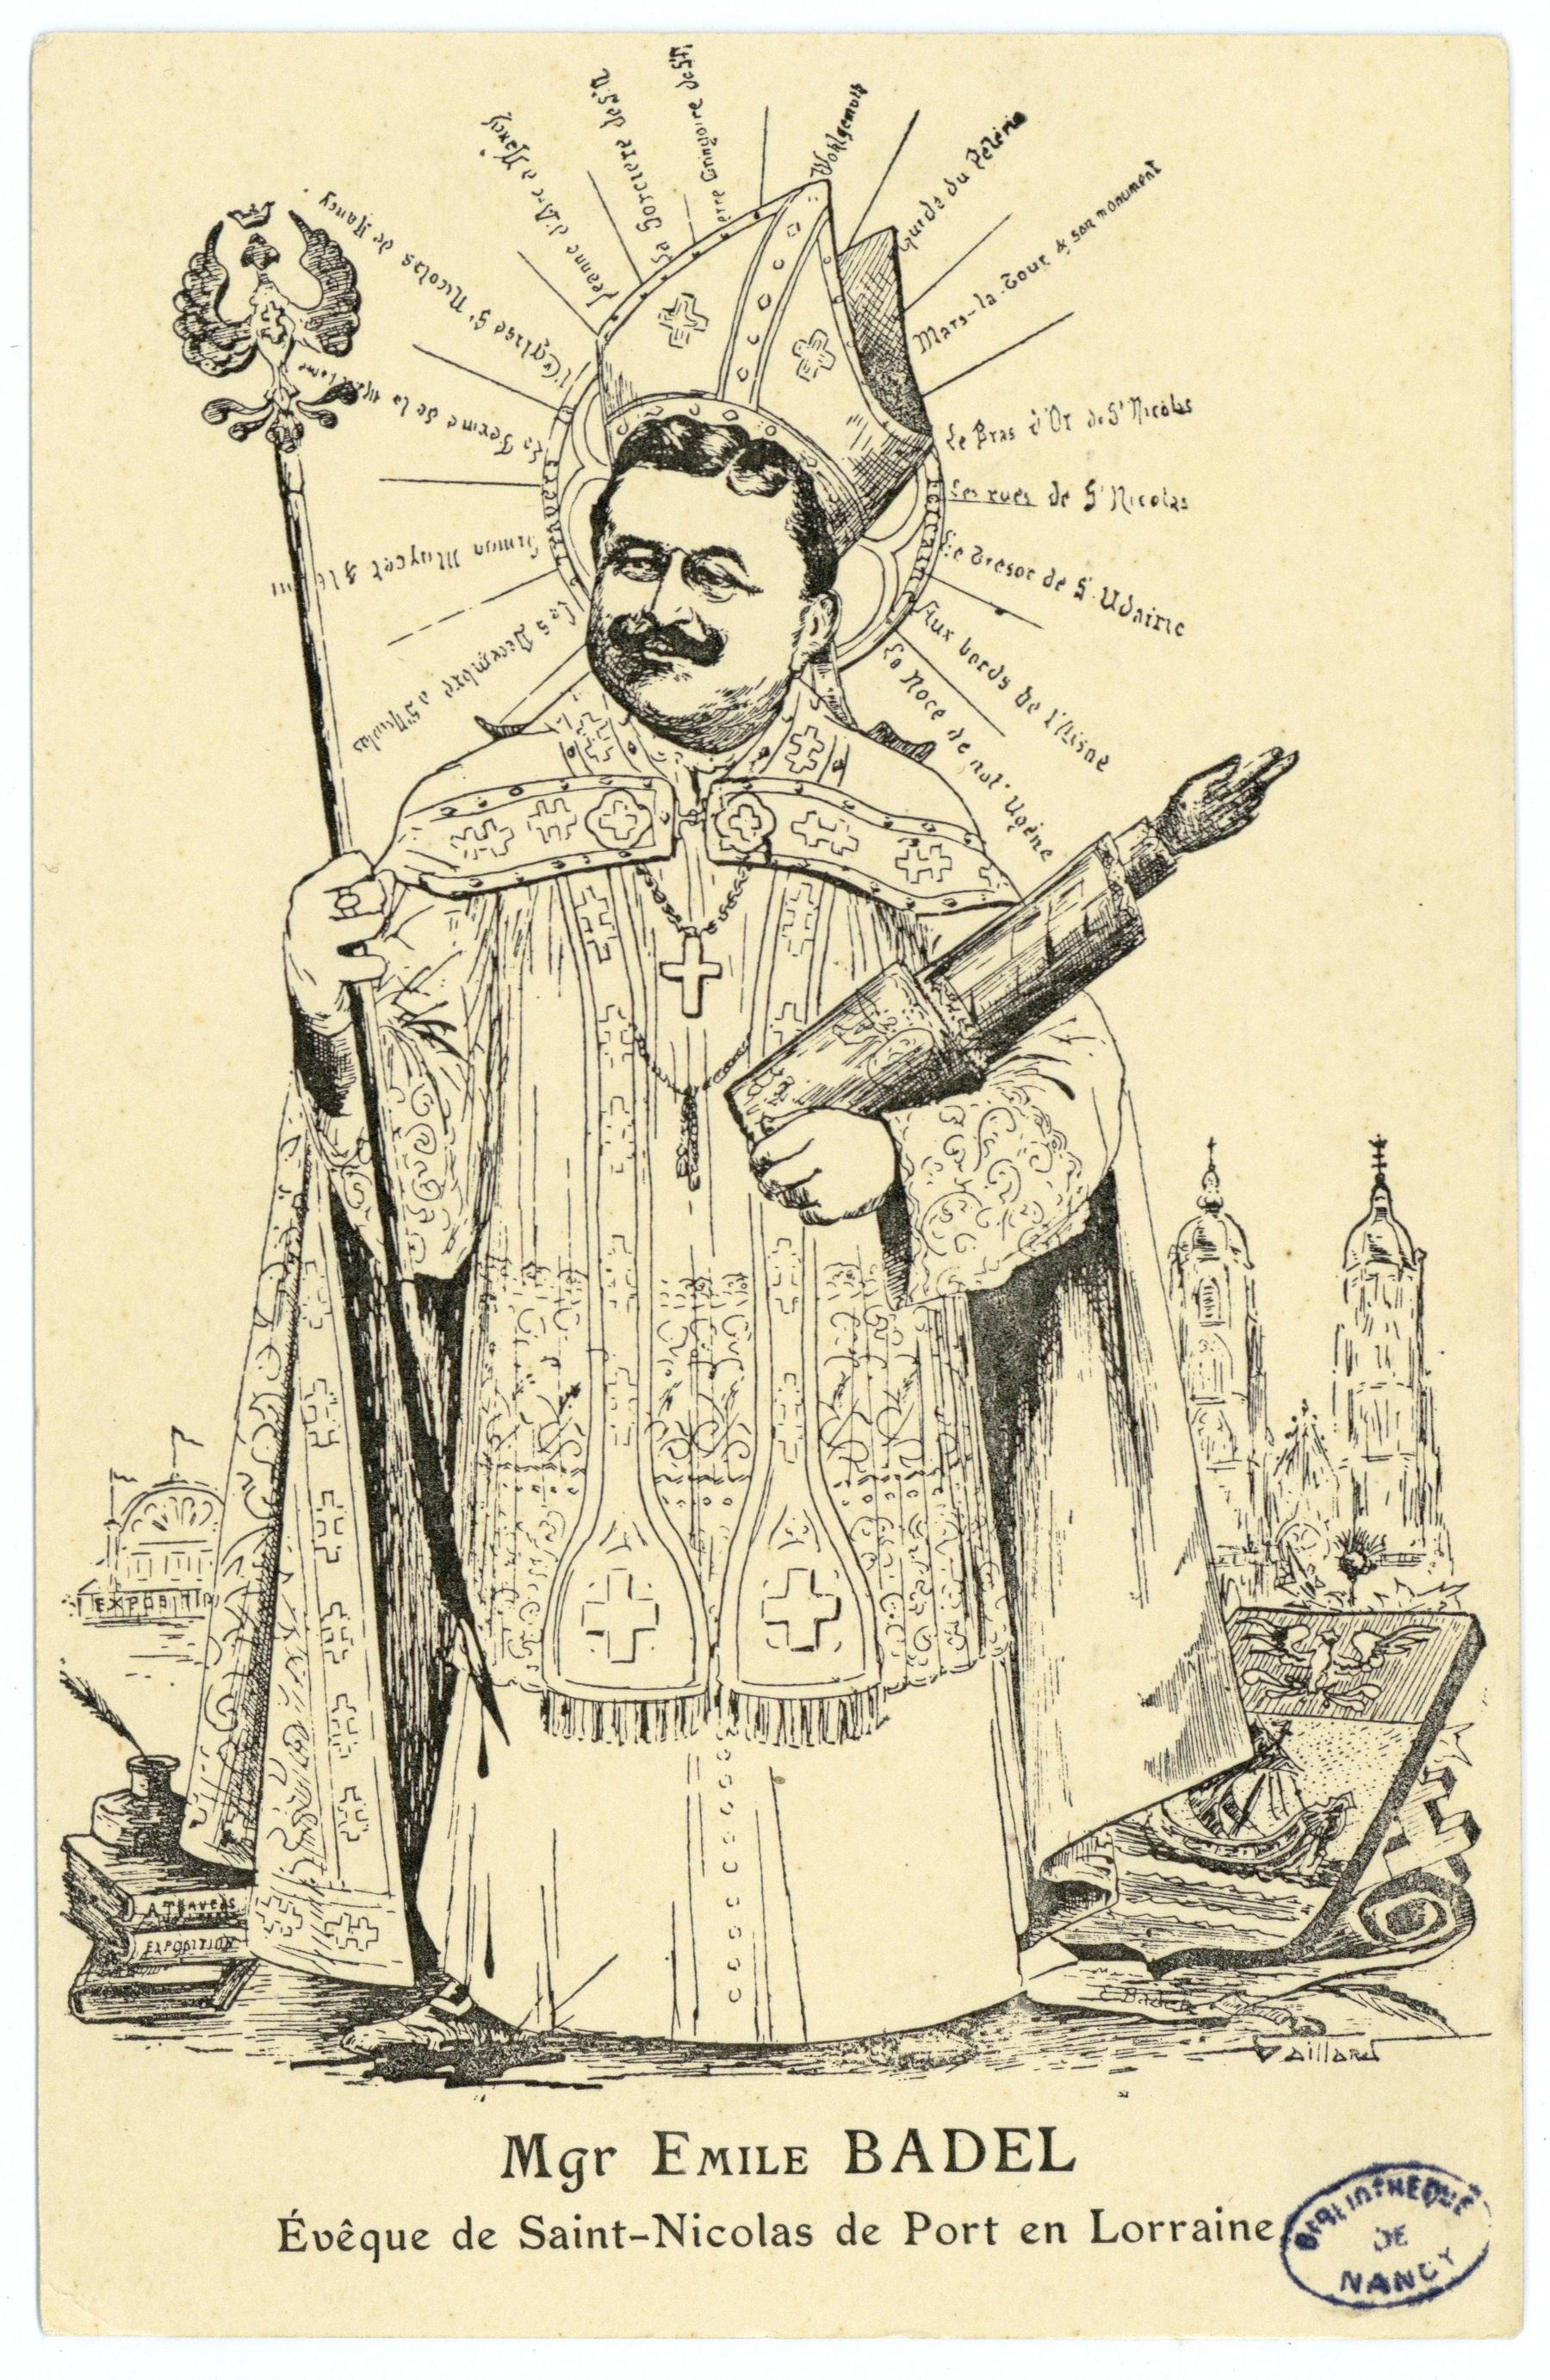 Contenu du Mgr Émile Badel Évêque de Saint-Nicolas-de-Port en Lorraine